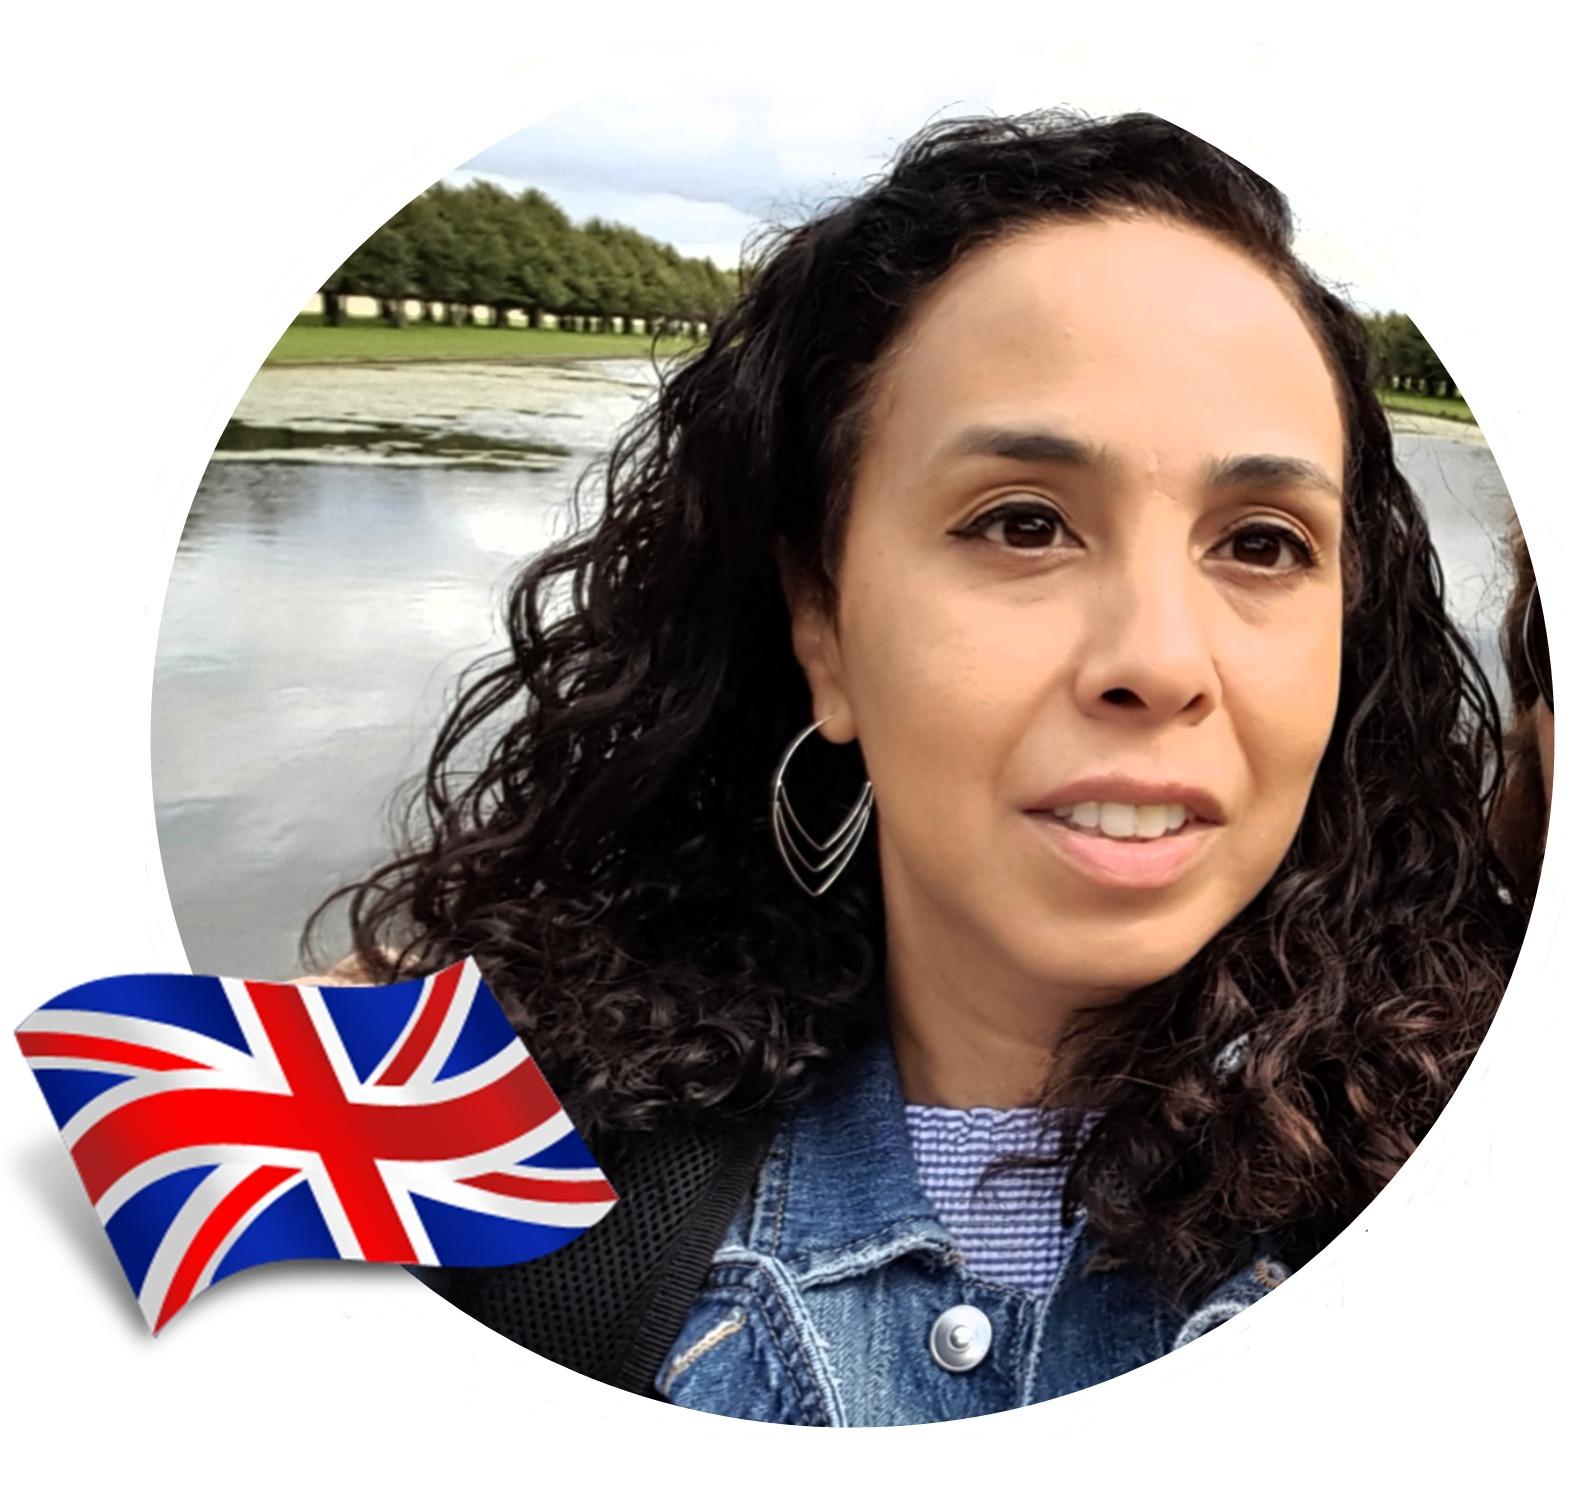 Cachos no exterior. Elaine, 40 anos, Inglaterra